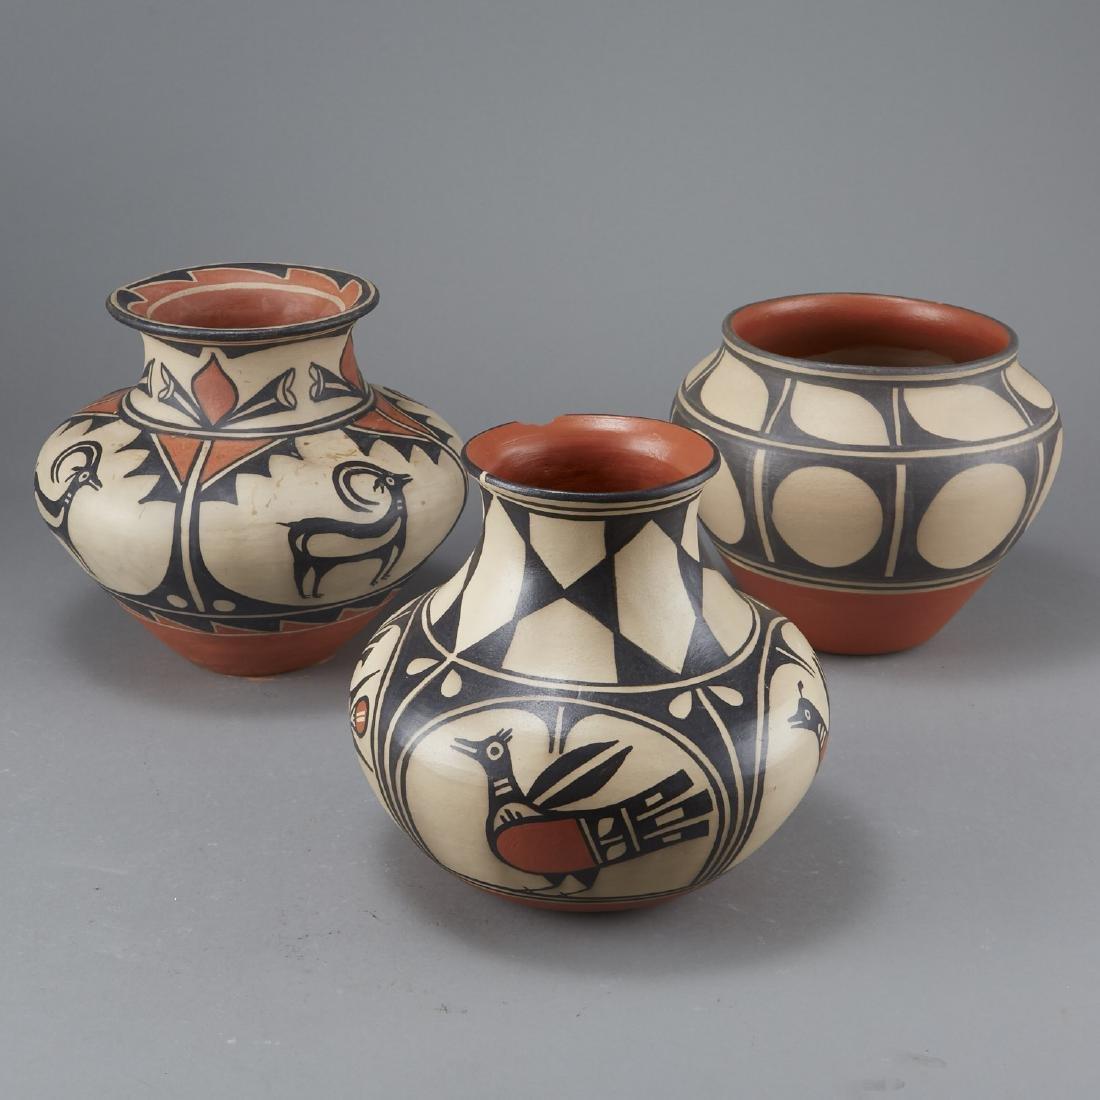 3 Tenorio Kewa Santo Domingo Pottery Jars - 4